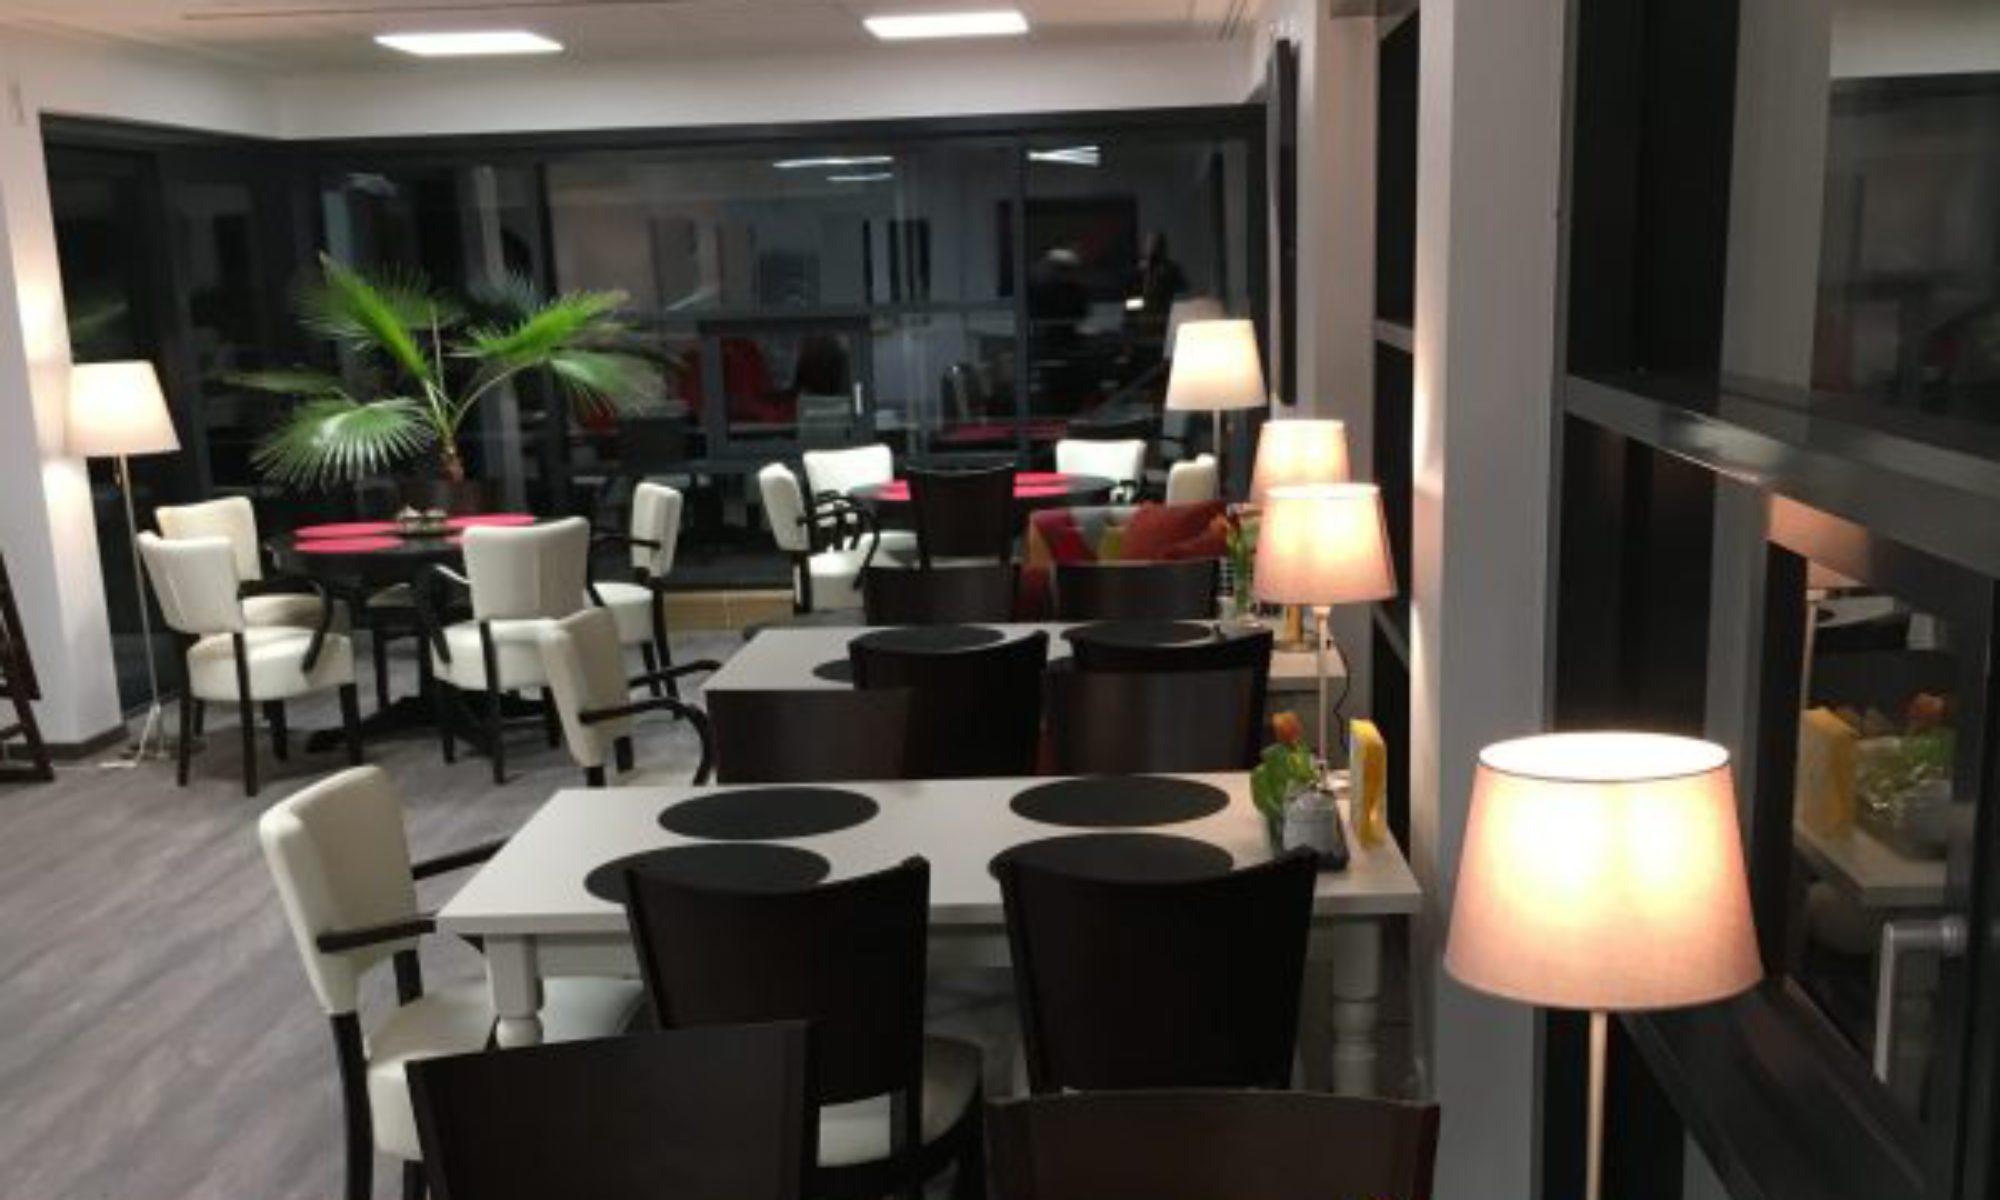 Buntes Sofa  'Das CAFÉ' --- Auf Grund der Corona-Pandemie bleibt das Café vom 15.03.2020 bis 19.04.2020 geschlossen! Bleiben Sie gesund!